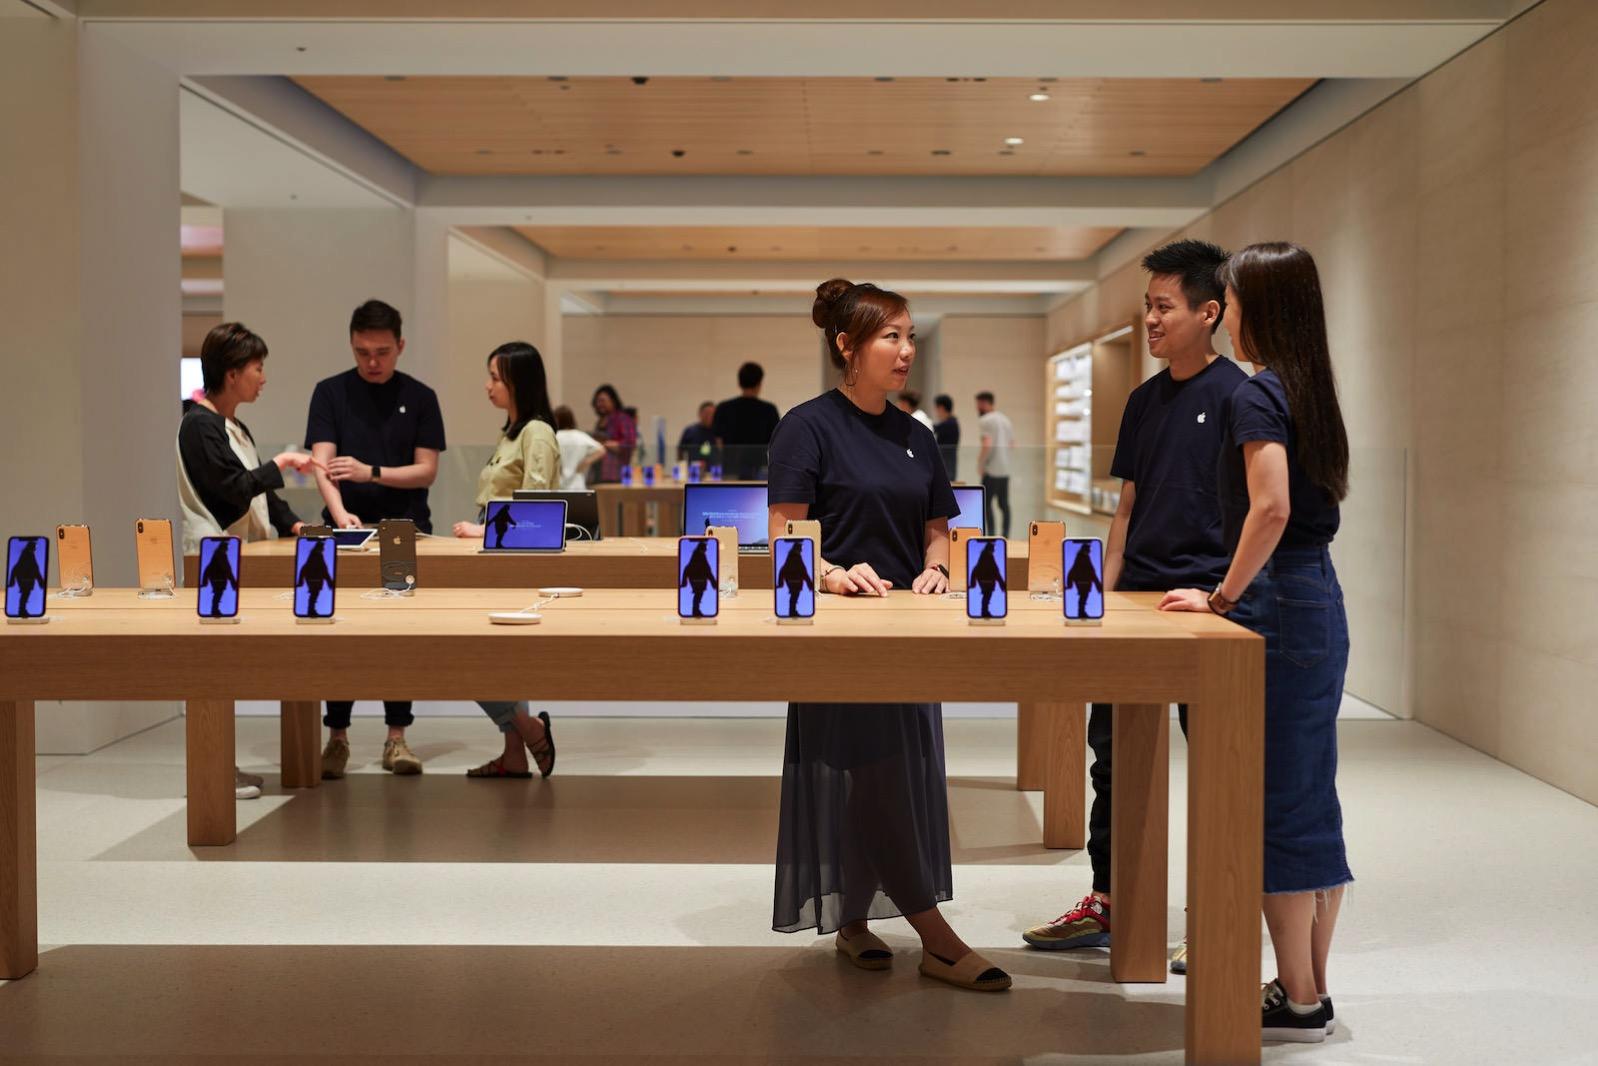 Apple-Marunouchi-opens-saturday-in-Tokyo-team-members-090419.jpg